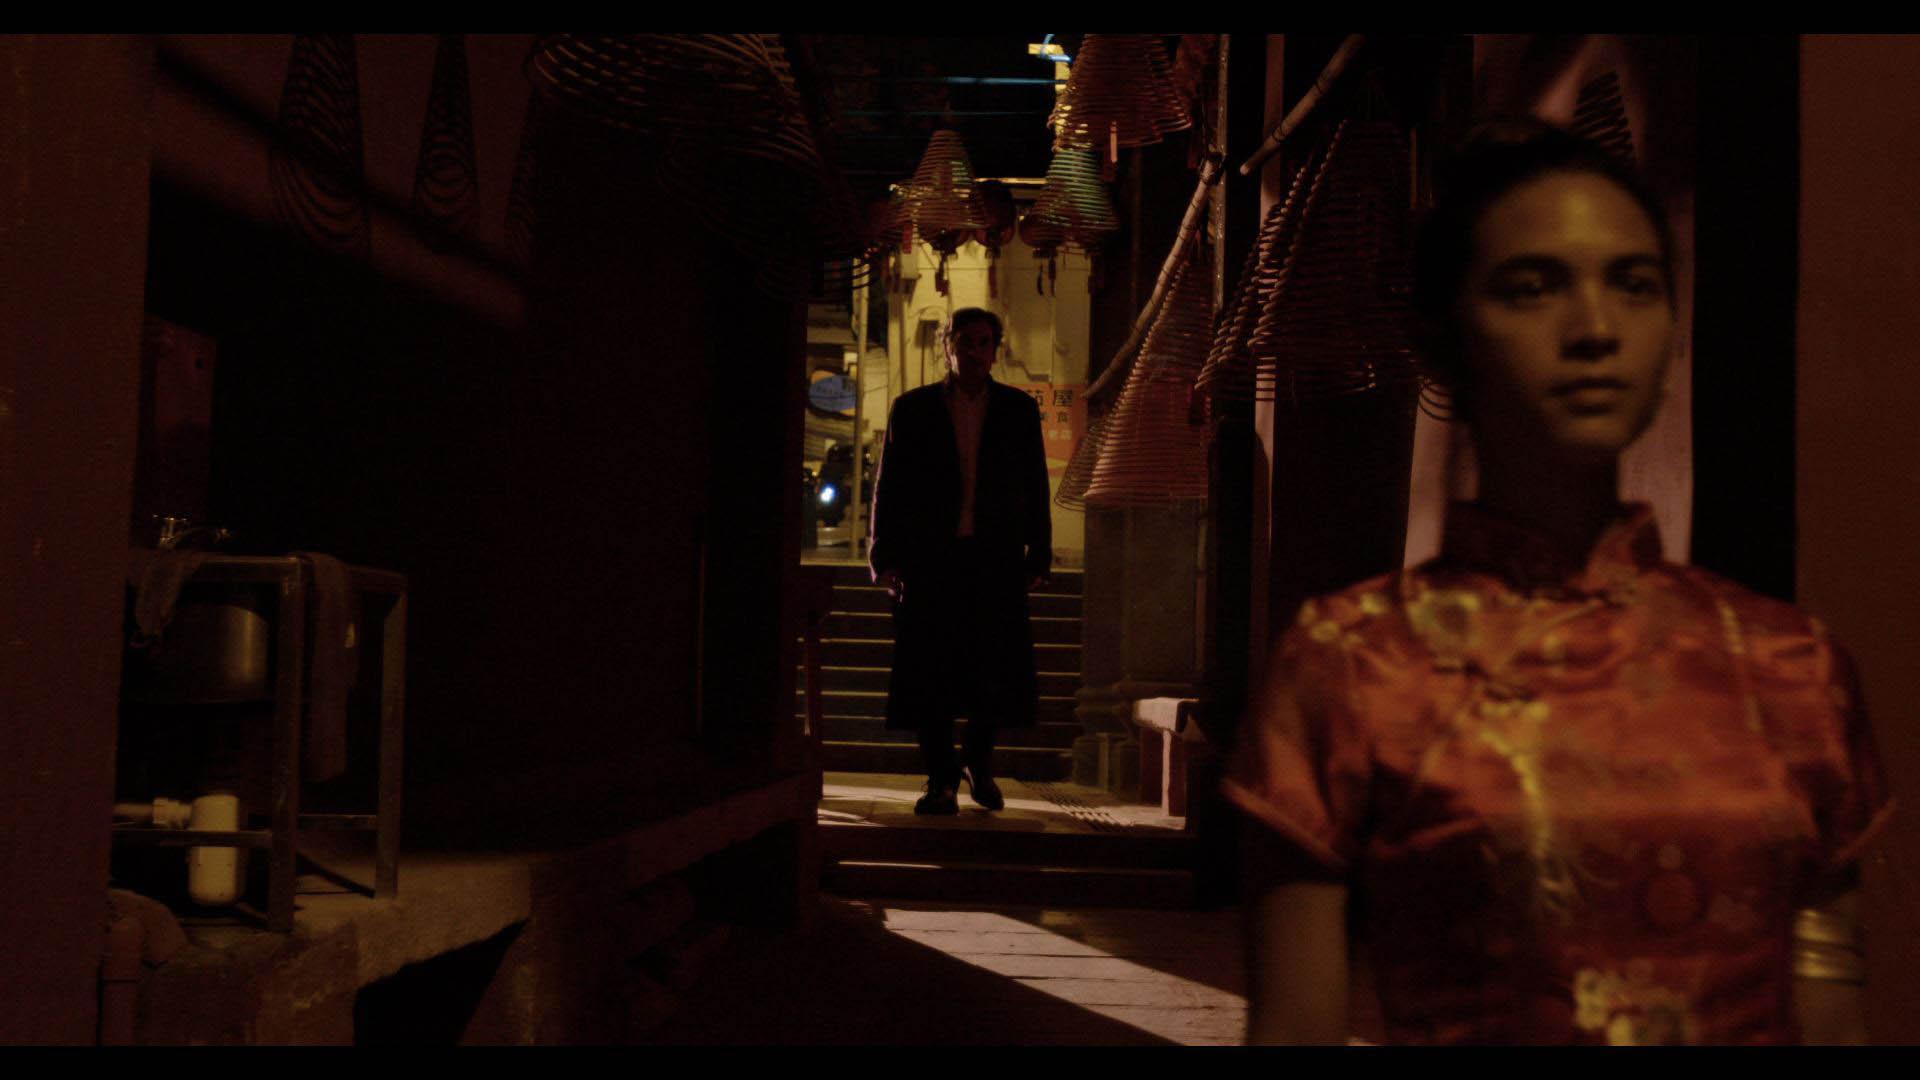 Filme sobre poeta Camilo Pessanha exibido na extensão de Macau do DocLisboa